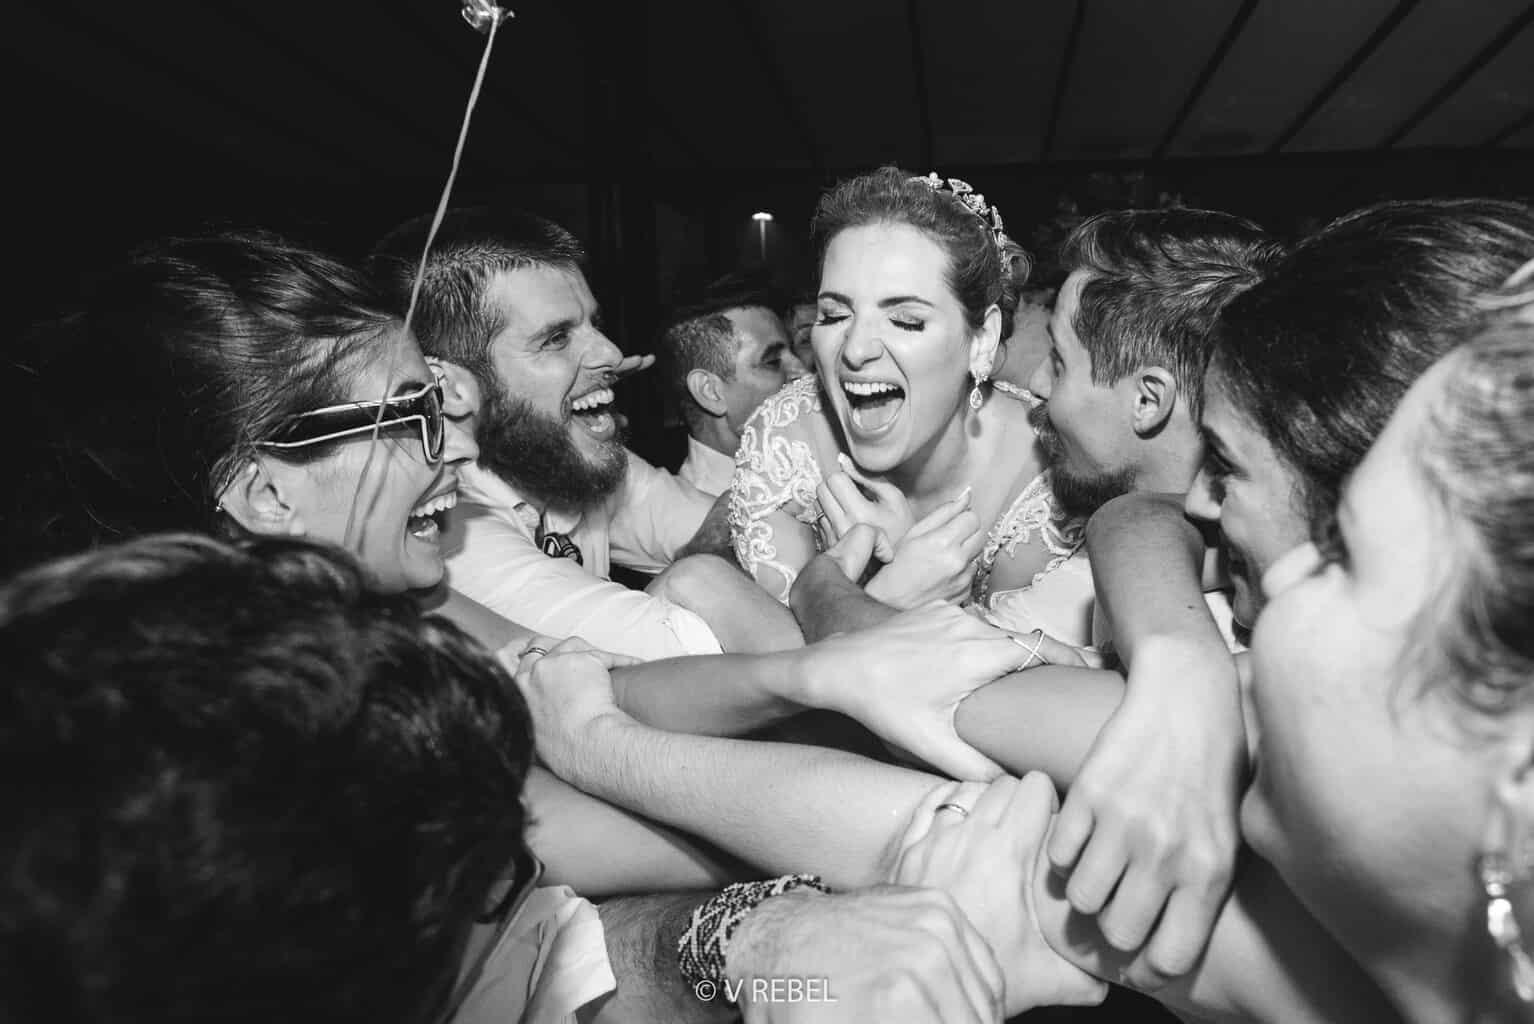 casamento-Caroline-e-Breno-casamento-clássico-fotografia-VRebel-pista109